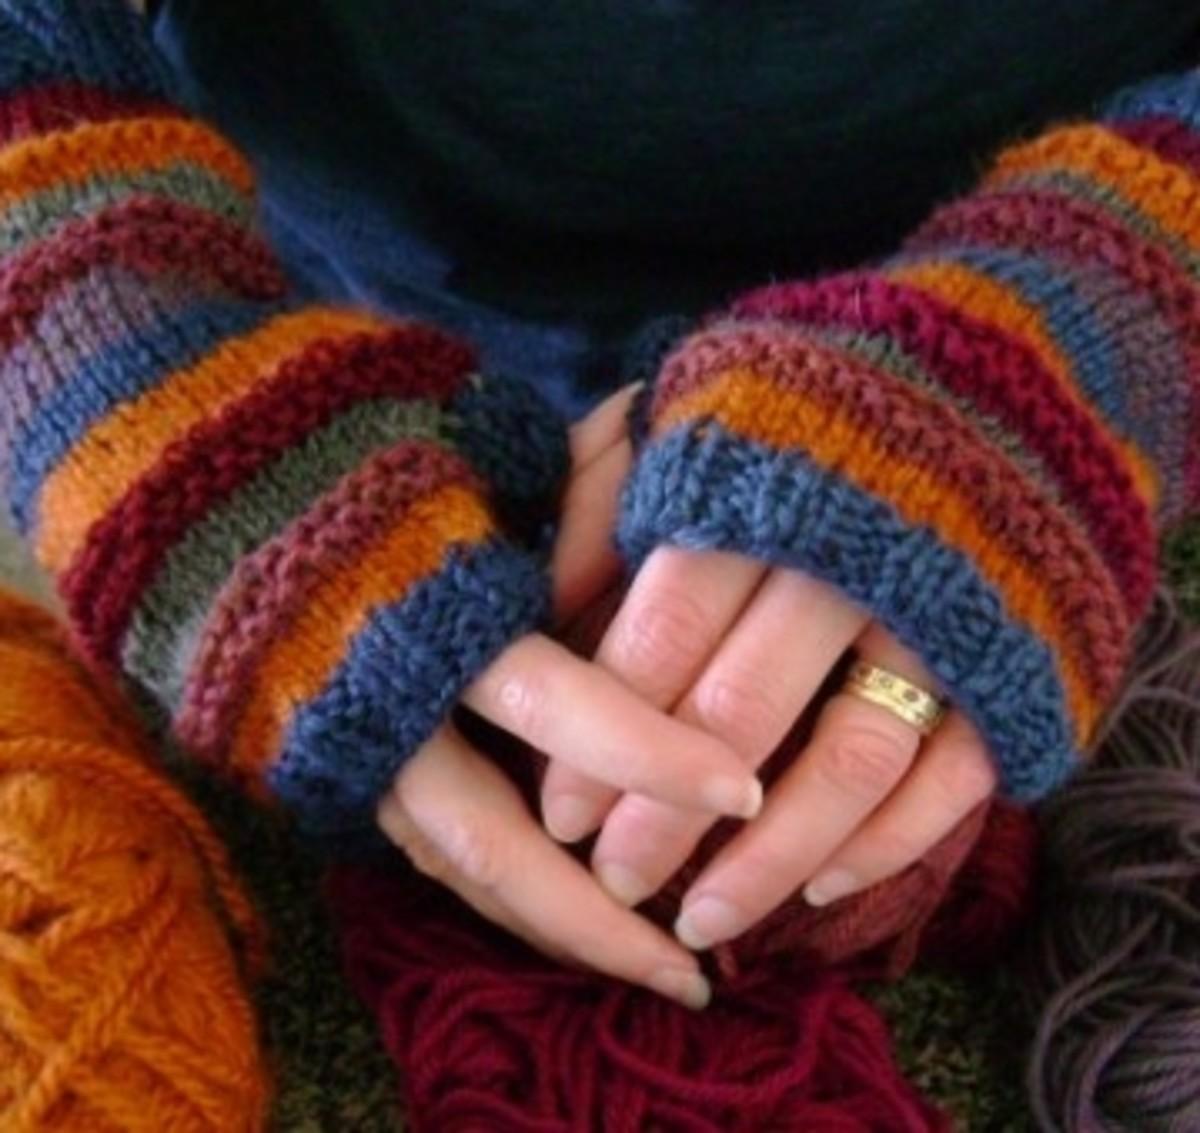 Knitting Pattern for the Stash-o-motastic Fingerless Mitts